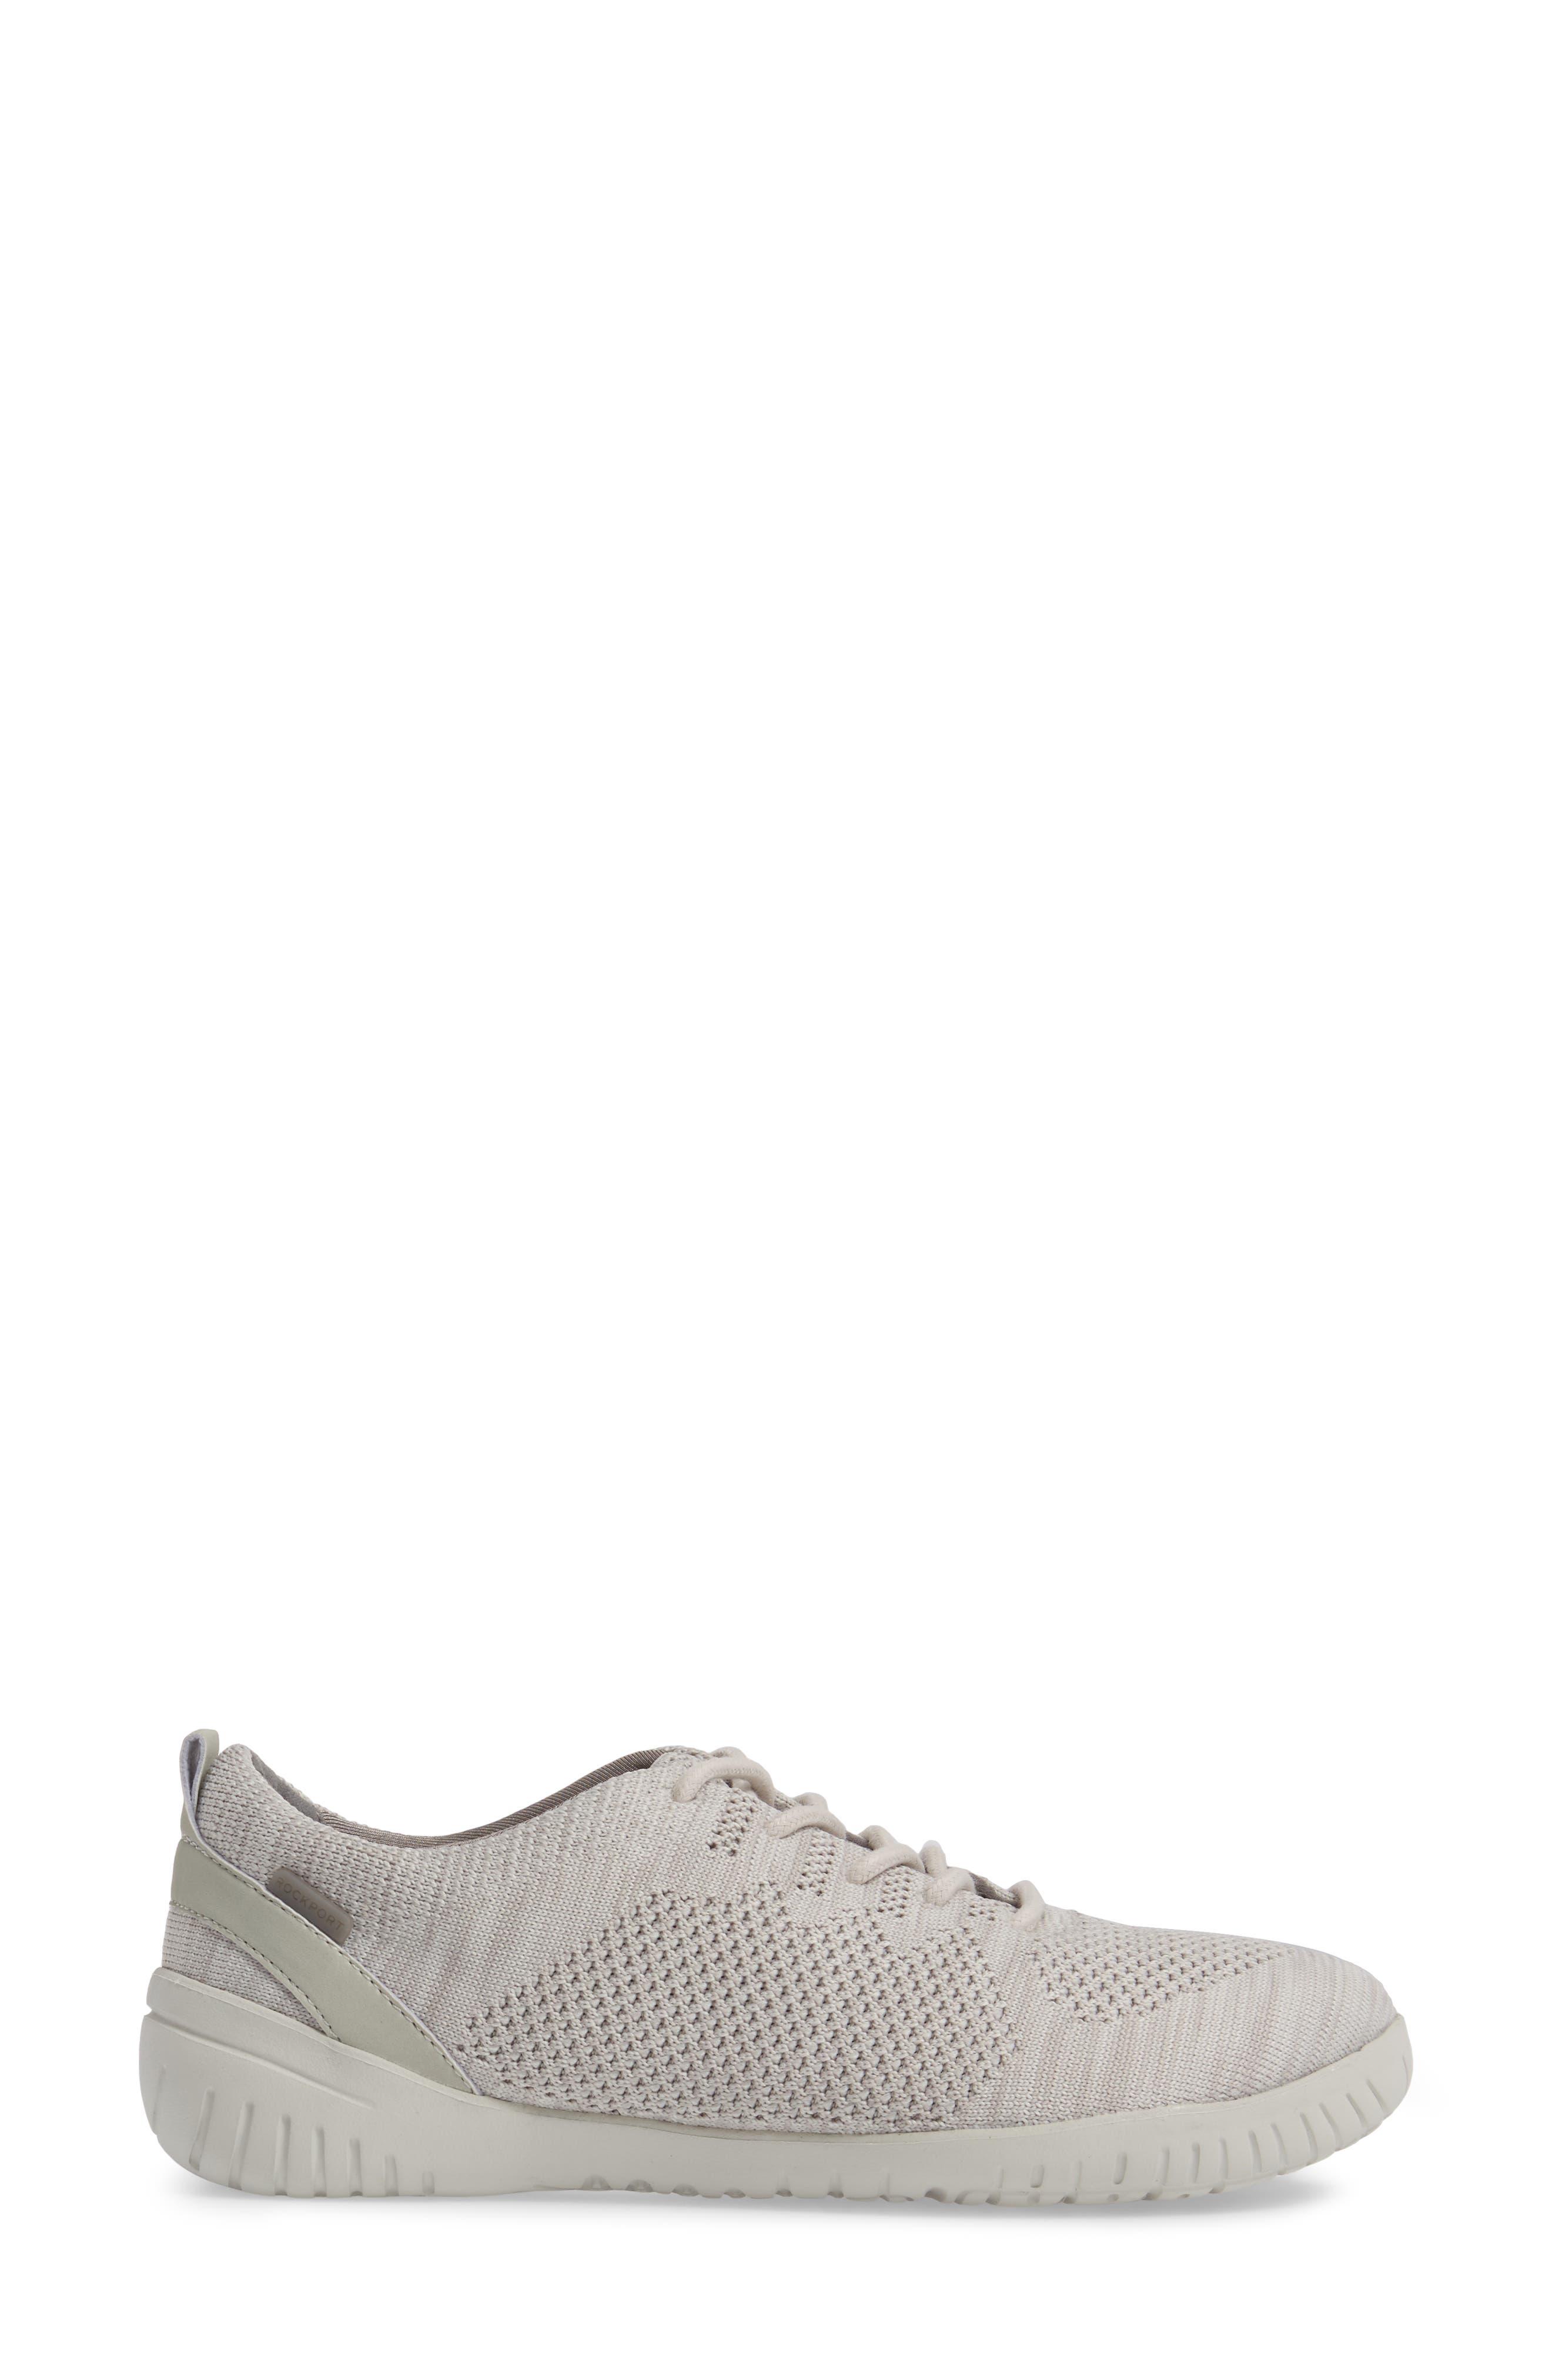 Alternate Image 3  - Rockport Raelyn Knit Sneaker (Women)